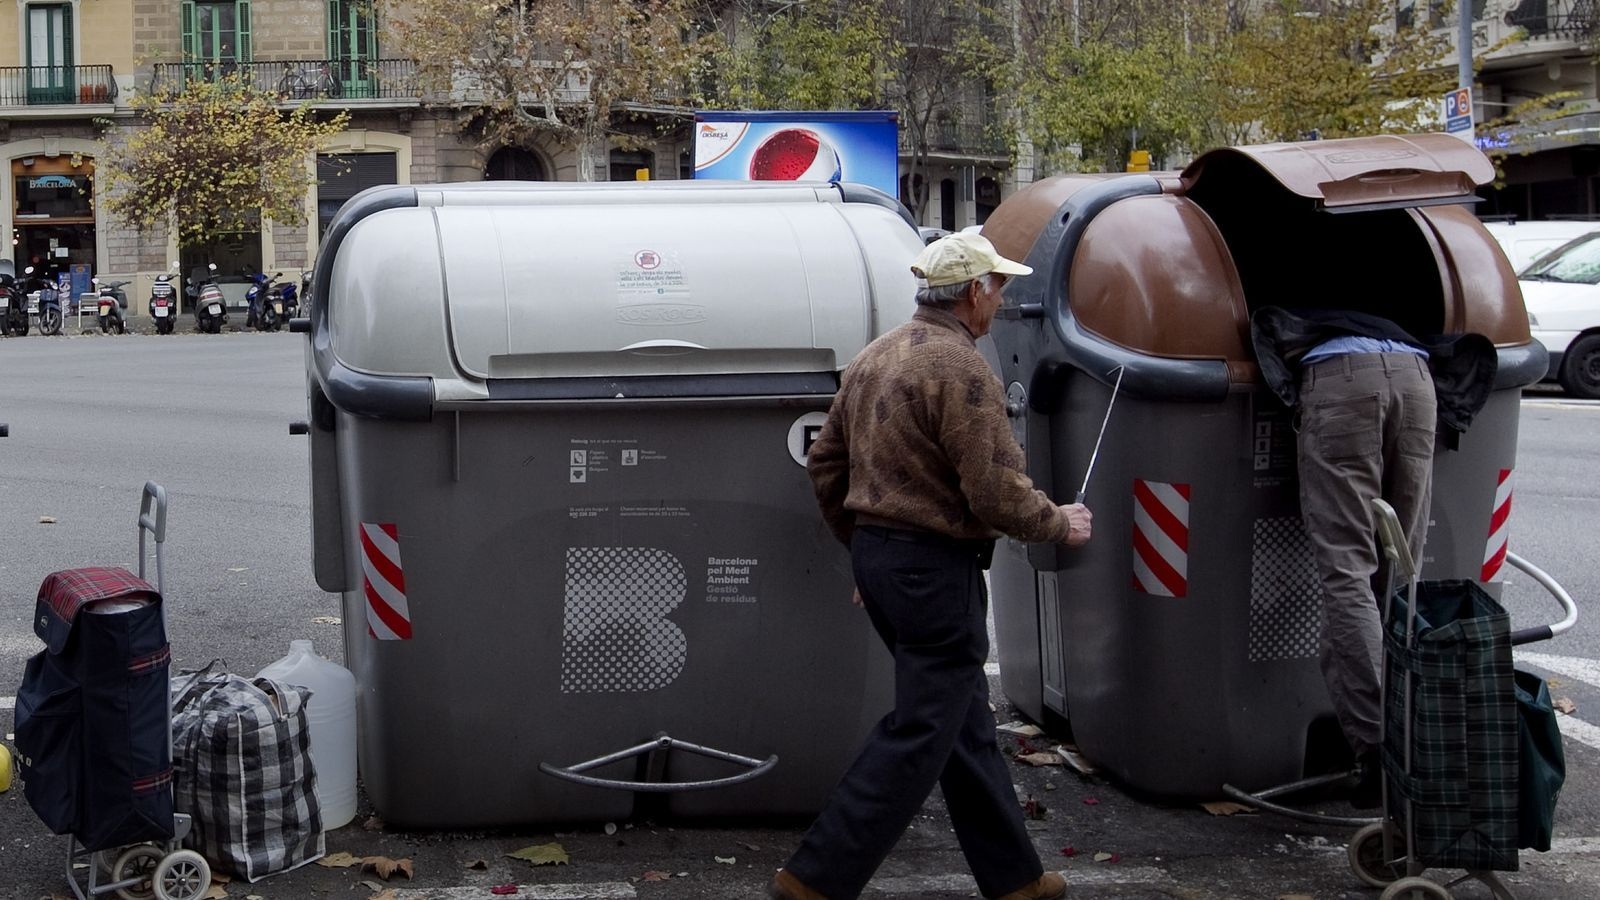 Els efectes de la crisi han provocat que en els últims mesos s'hagin multiplicat les imatges de gent furgant als contenidors.